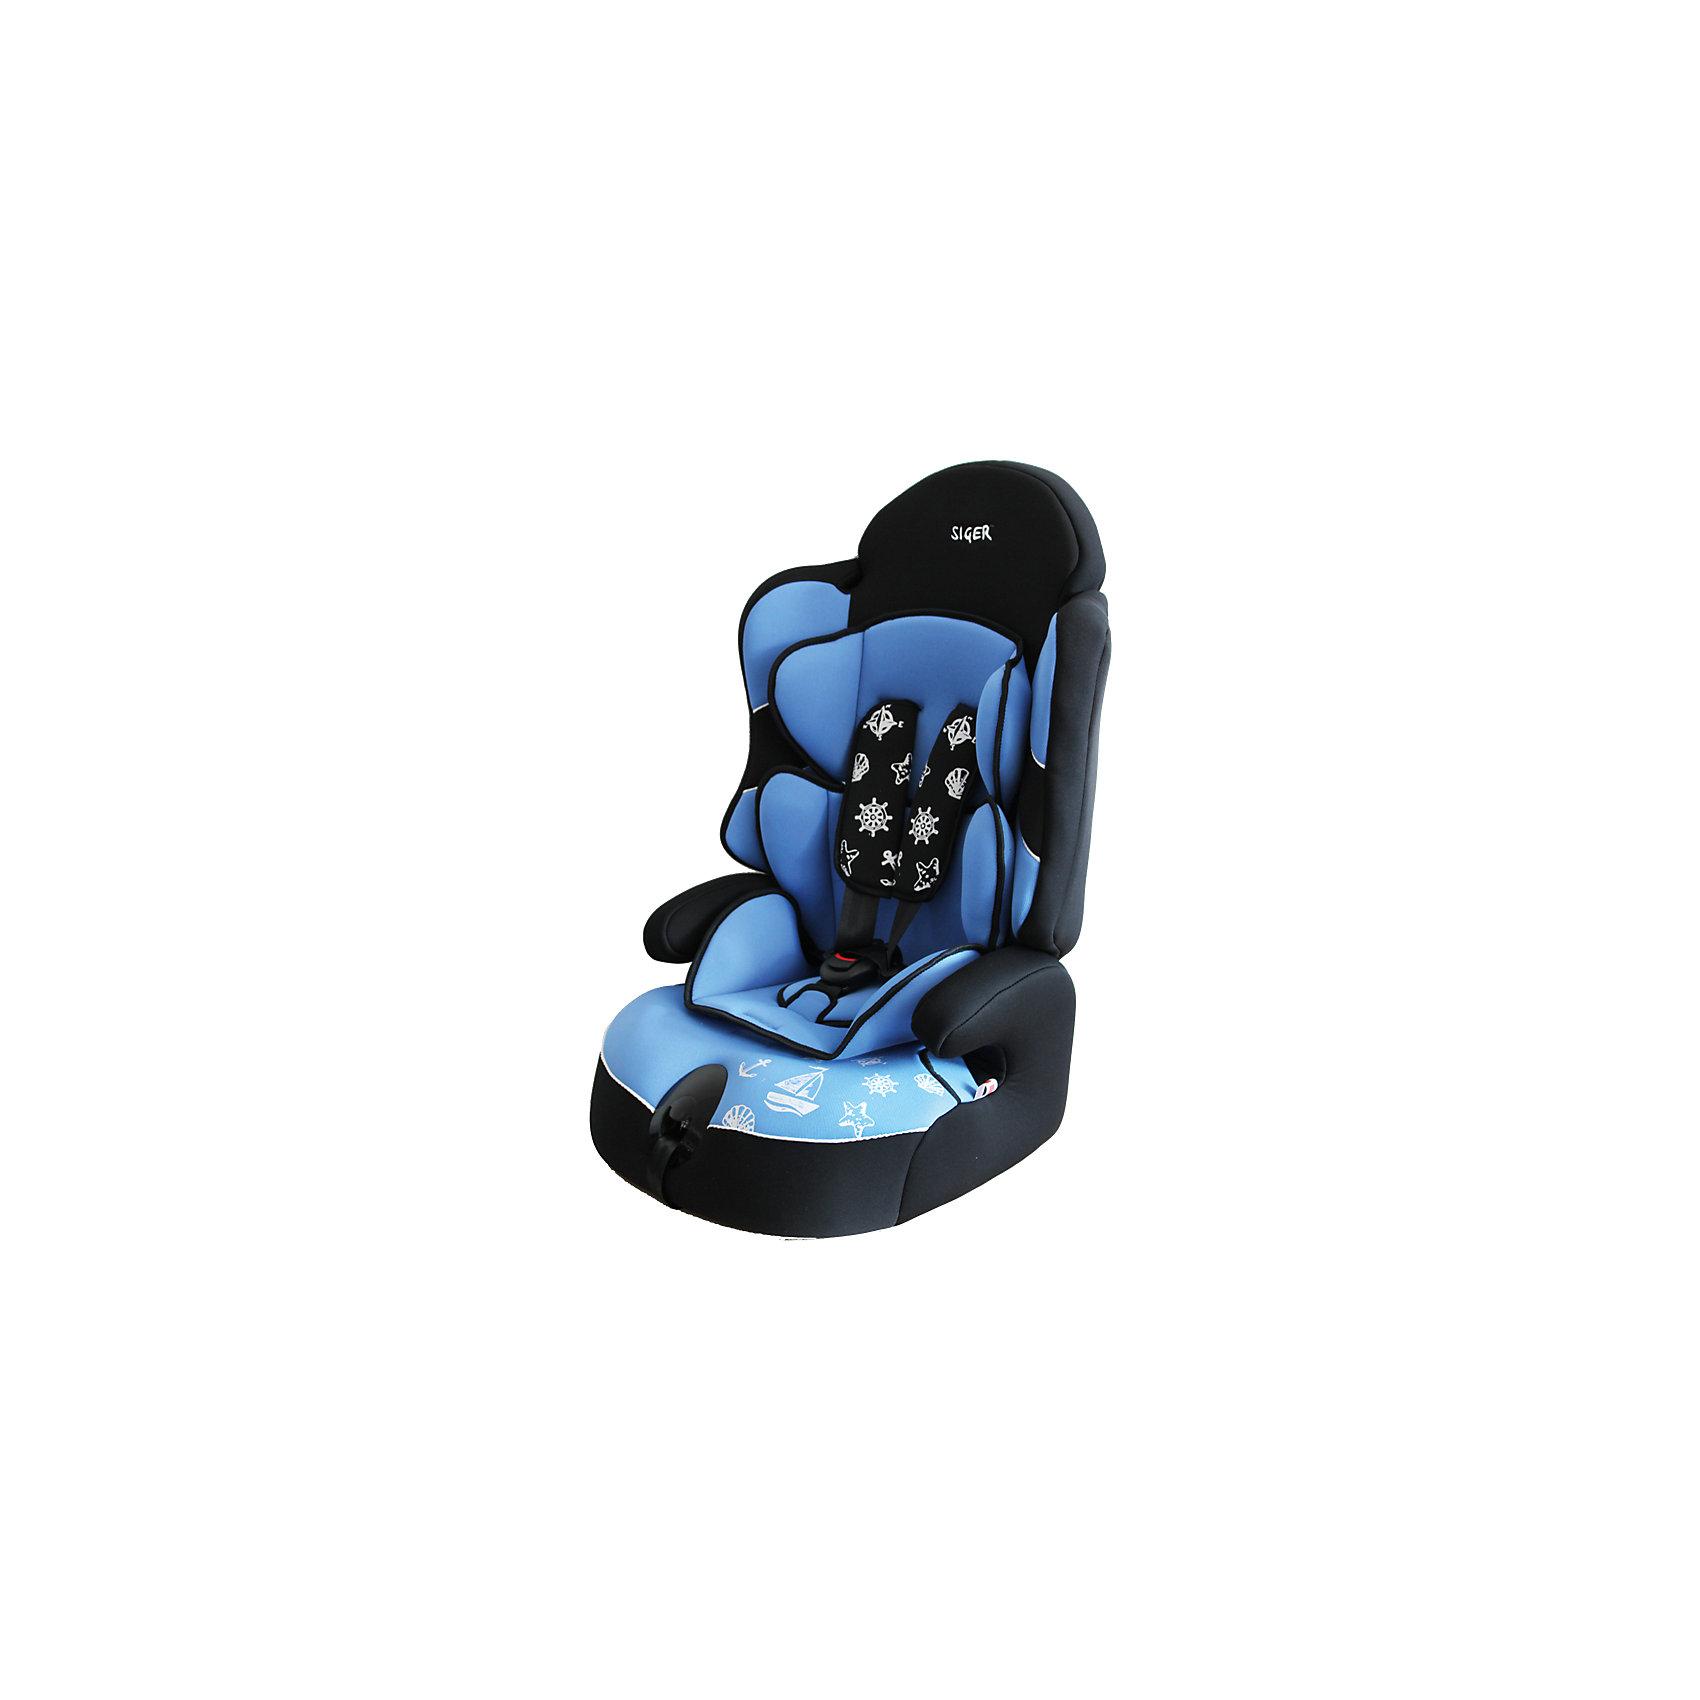 Автокресло Siger Драйв, 9-36 кг, голубойГруппа 1-2-3 (От 9 до 36 кг)<br>Автокресло Драйв - прекрасный вариант для поездок и путешествий на автомобиле. Ортопедическая спинка, уникальная форма подголовника и регулировка плечевых лямок по высоте обеспечивают комфорт и безопасность во время езды. Двухпозиционная регулировка ремней по глубине, позволяет адаптировать их под зимнюю и летнюю одежду. Округлая форма сиденья предохраняет ножки малышей от затекания и натирания в процессе езды. Усовершенствованная форма спинки обеспечивает безошибочное прохождения ремня безопасности. Уникальная система крепления позволит быстро и надежно установить кресло в автомобиль, и «мягко» удержит ребенка в поворотах и при ДТП. Когда ваш ребенок подрастет, вы легко сможете трансформировать автокресло в удобный бустер. Модель изготовлена из высококачественных прочных материалов, имеет износостойкий внешний  чехол, который легко снимается для стирки. <br><br>Дополнительная информация:<br><br>- Материал: пластик, текстиль.<br>- Вес ребенка: 9-36 кг. ( 1-12 лет)<br>- Группа 1-2-3.<br>- Ширина посадочного места: 48 см.<br>- Глубина посадочного места: 42 см.<br>- Высота кресла: 58<br>- Вес кресла: 4,8 кг.<br>- Регулировка ремней и плечевых лямок.<br>- 5- титочечные ремни безопасности.<br>- Ортопедическая спинка.<br>- Трансформируется в бустер.<br>- Цвет: голубой. <br>- Стирка: ручная, машинная ( при 30 ? ).<br>- Способ установки: лицом вперед.<br><br>Автокресло Драйв, 9-36 кг., Siger (Сигер), голубое, можно купить в нашем магазине.<br><br>Ширина мм: 585<br>Глубина мм: 450<br>Высота мм: 625<br>Вес г: 4800<br>Возраст от месяцев: 12<br>Возраст до месяцев: 144<br>Пол: Унисекс<br>Возраст: Детский<br>SKU: 3999706